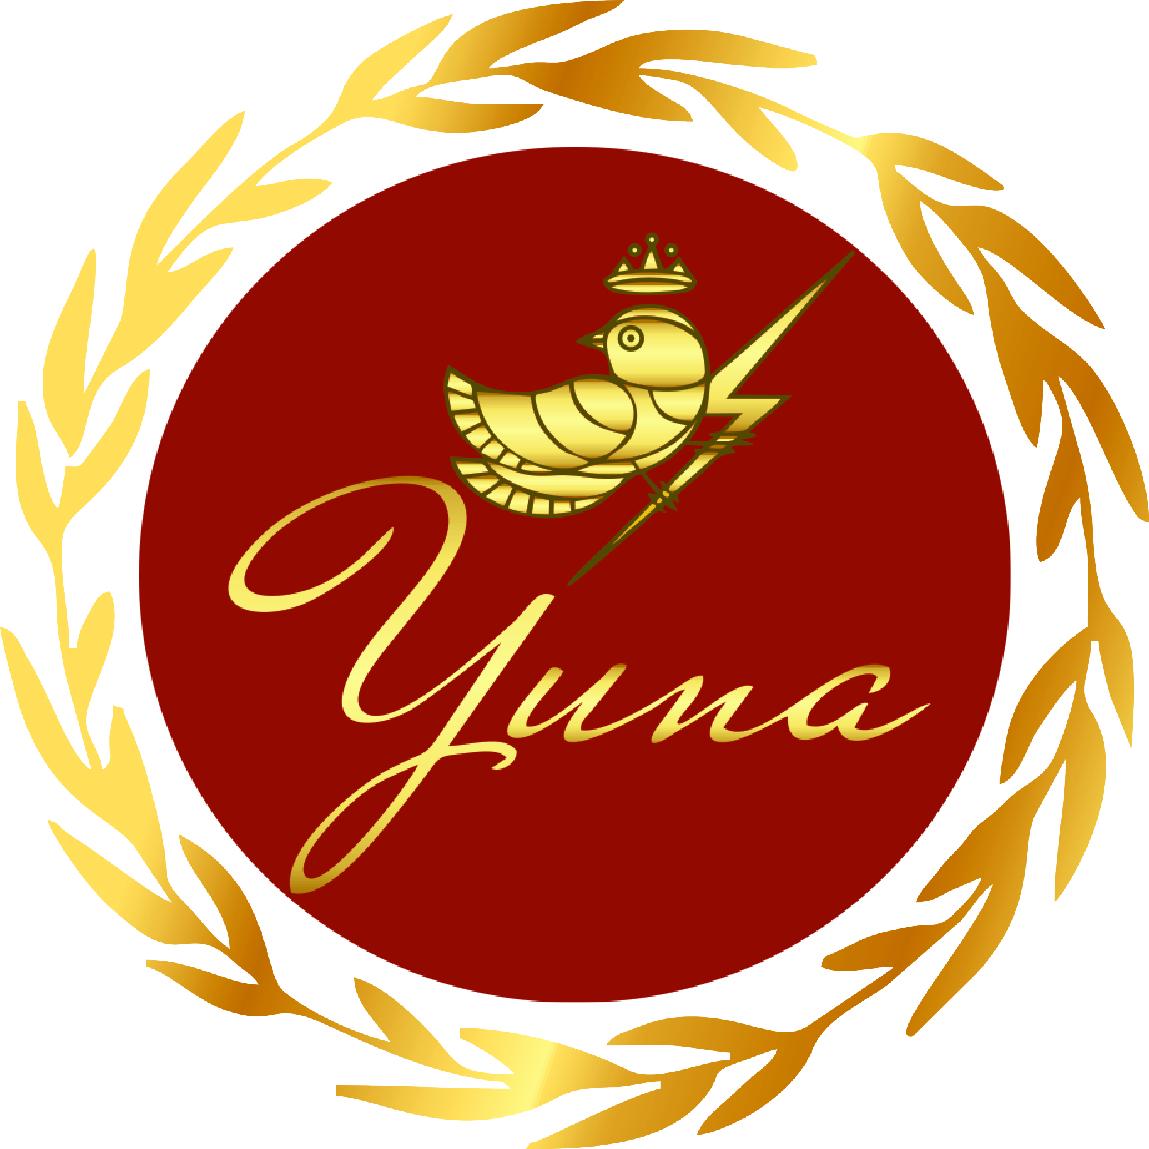 YUNA ONLINE SHOP